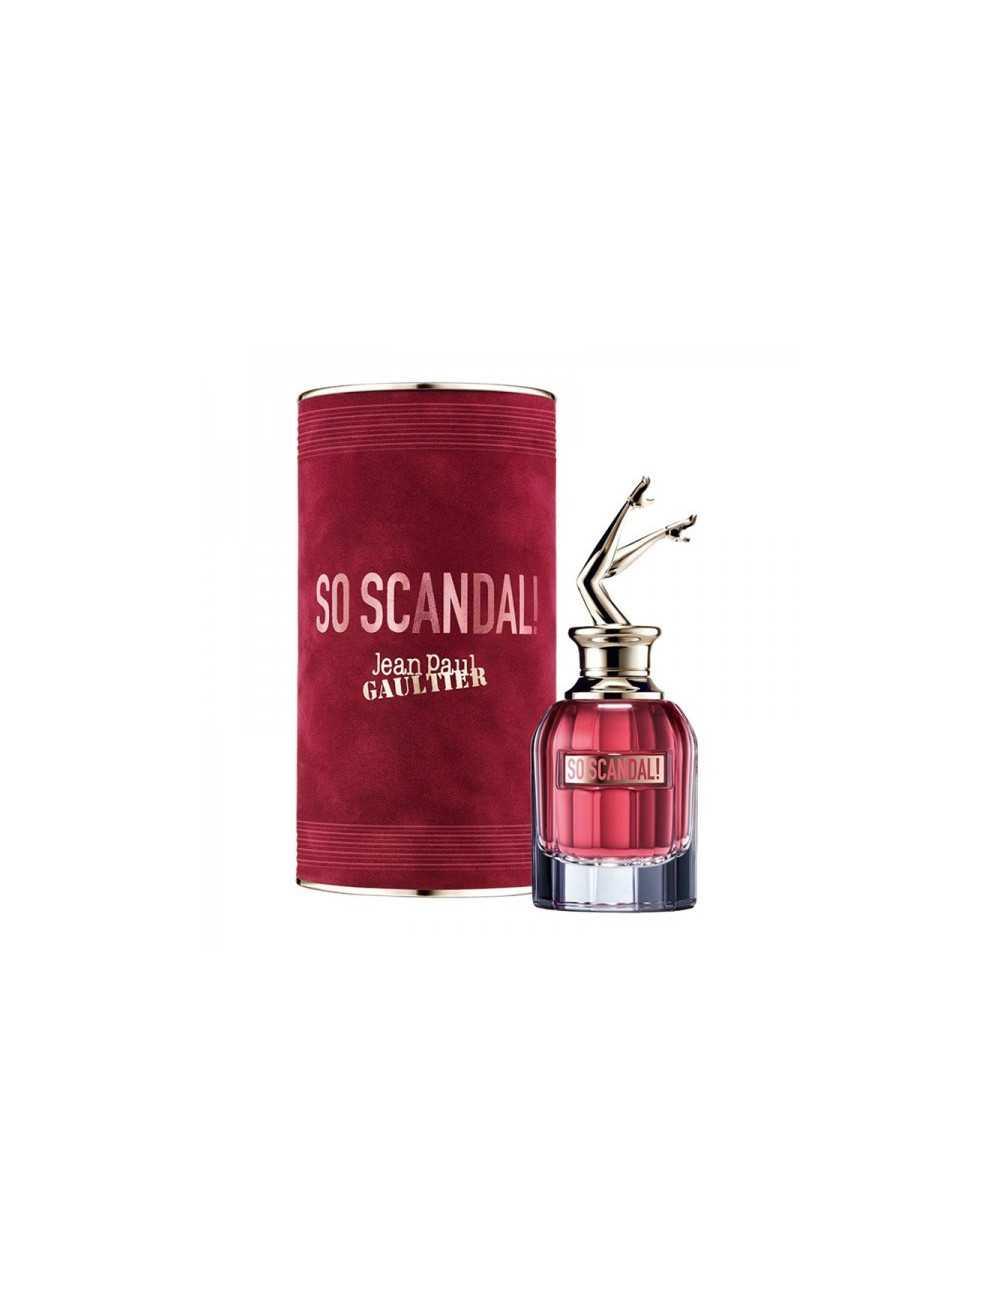 So Scandal Eau de Parfum